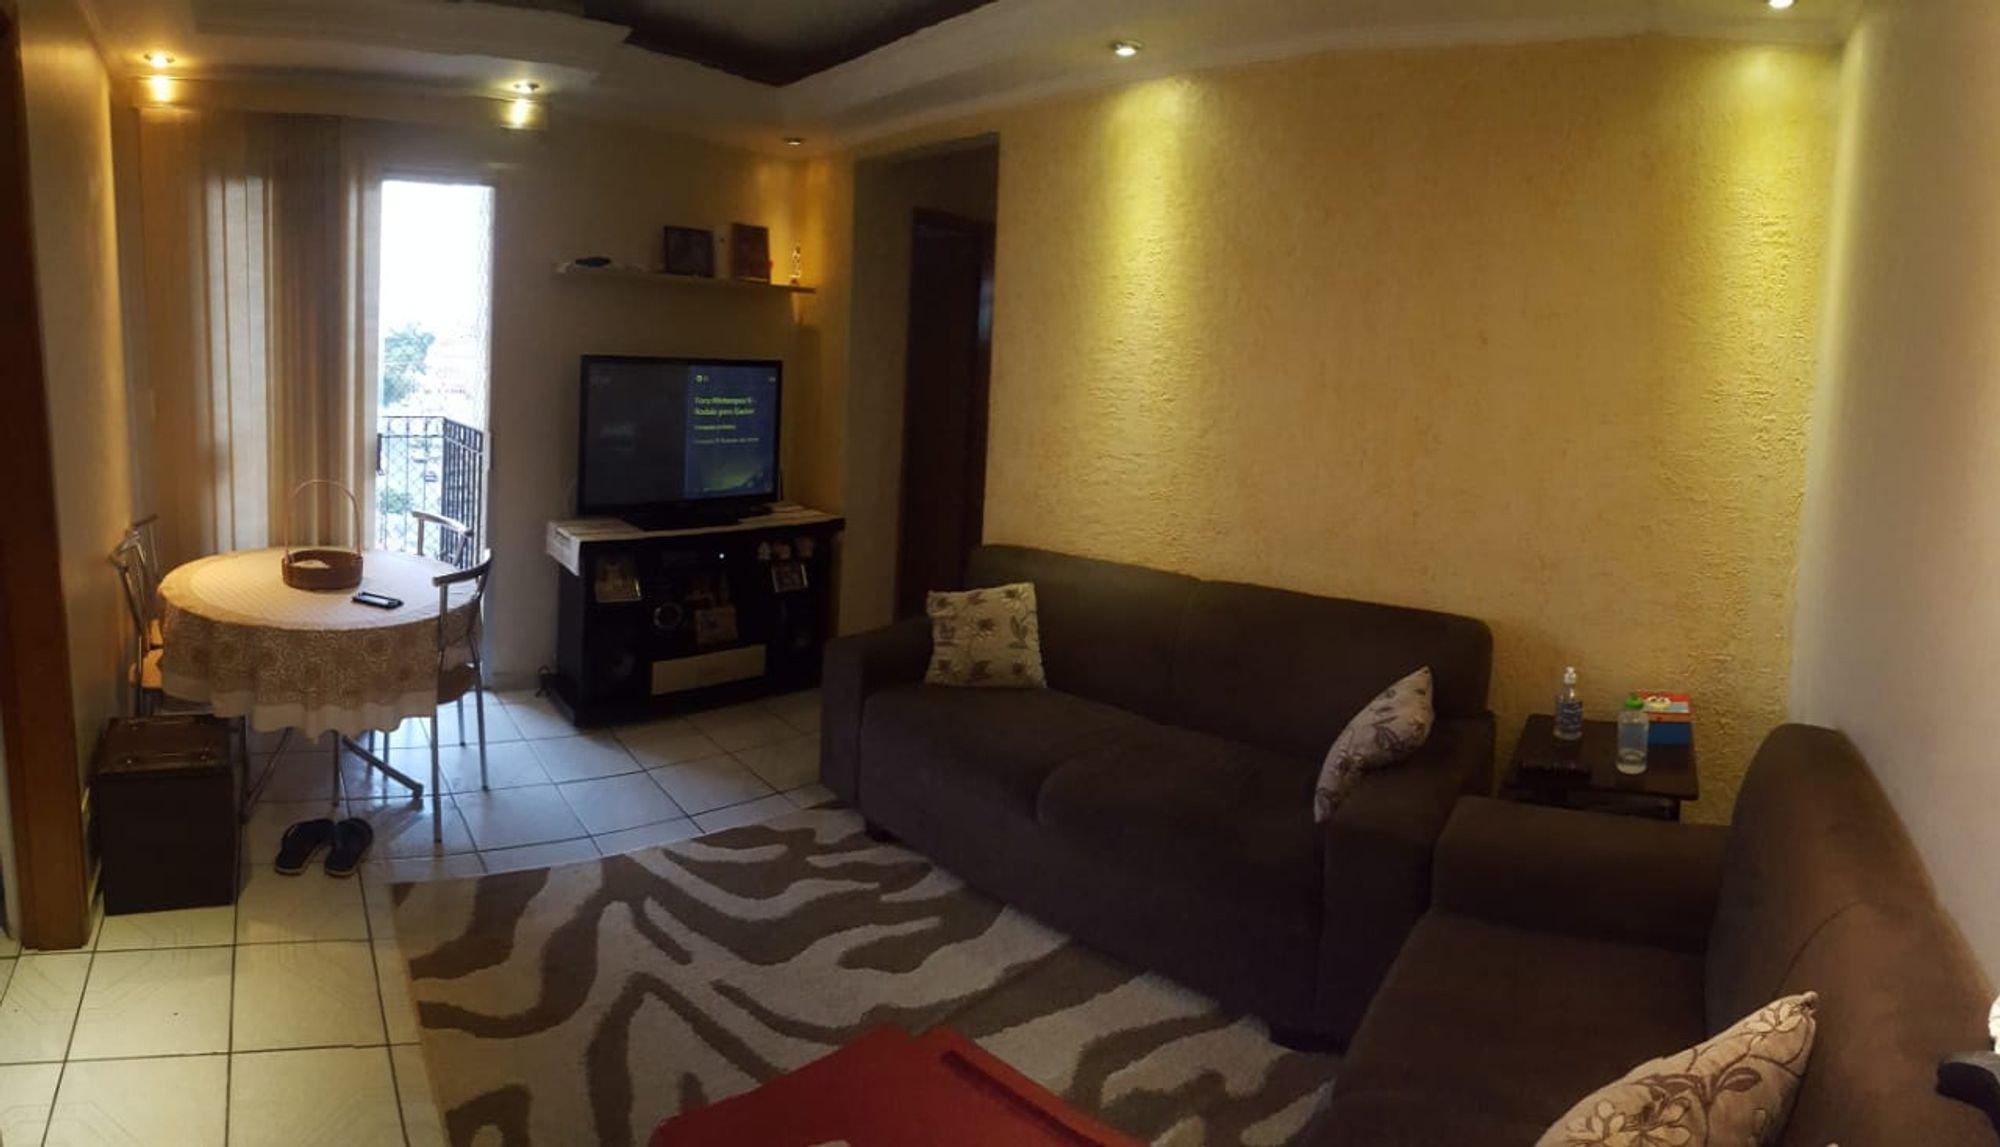 Foto de Sala com sofá, televisão, garrafa, mesa de jantar